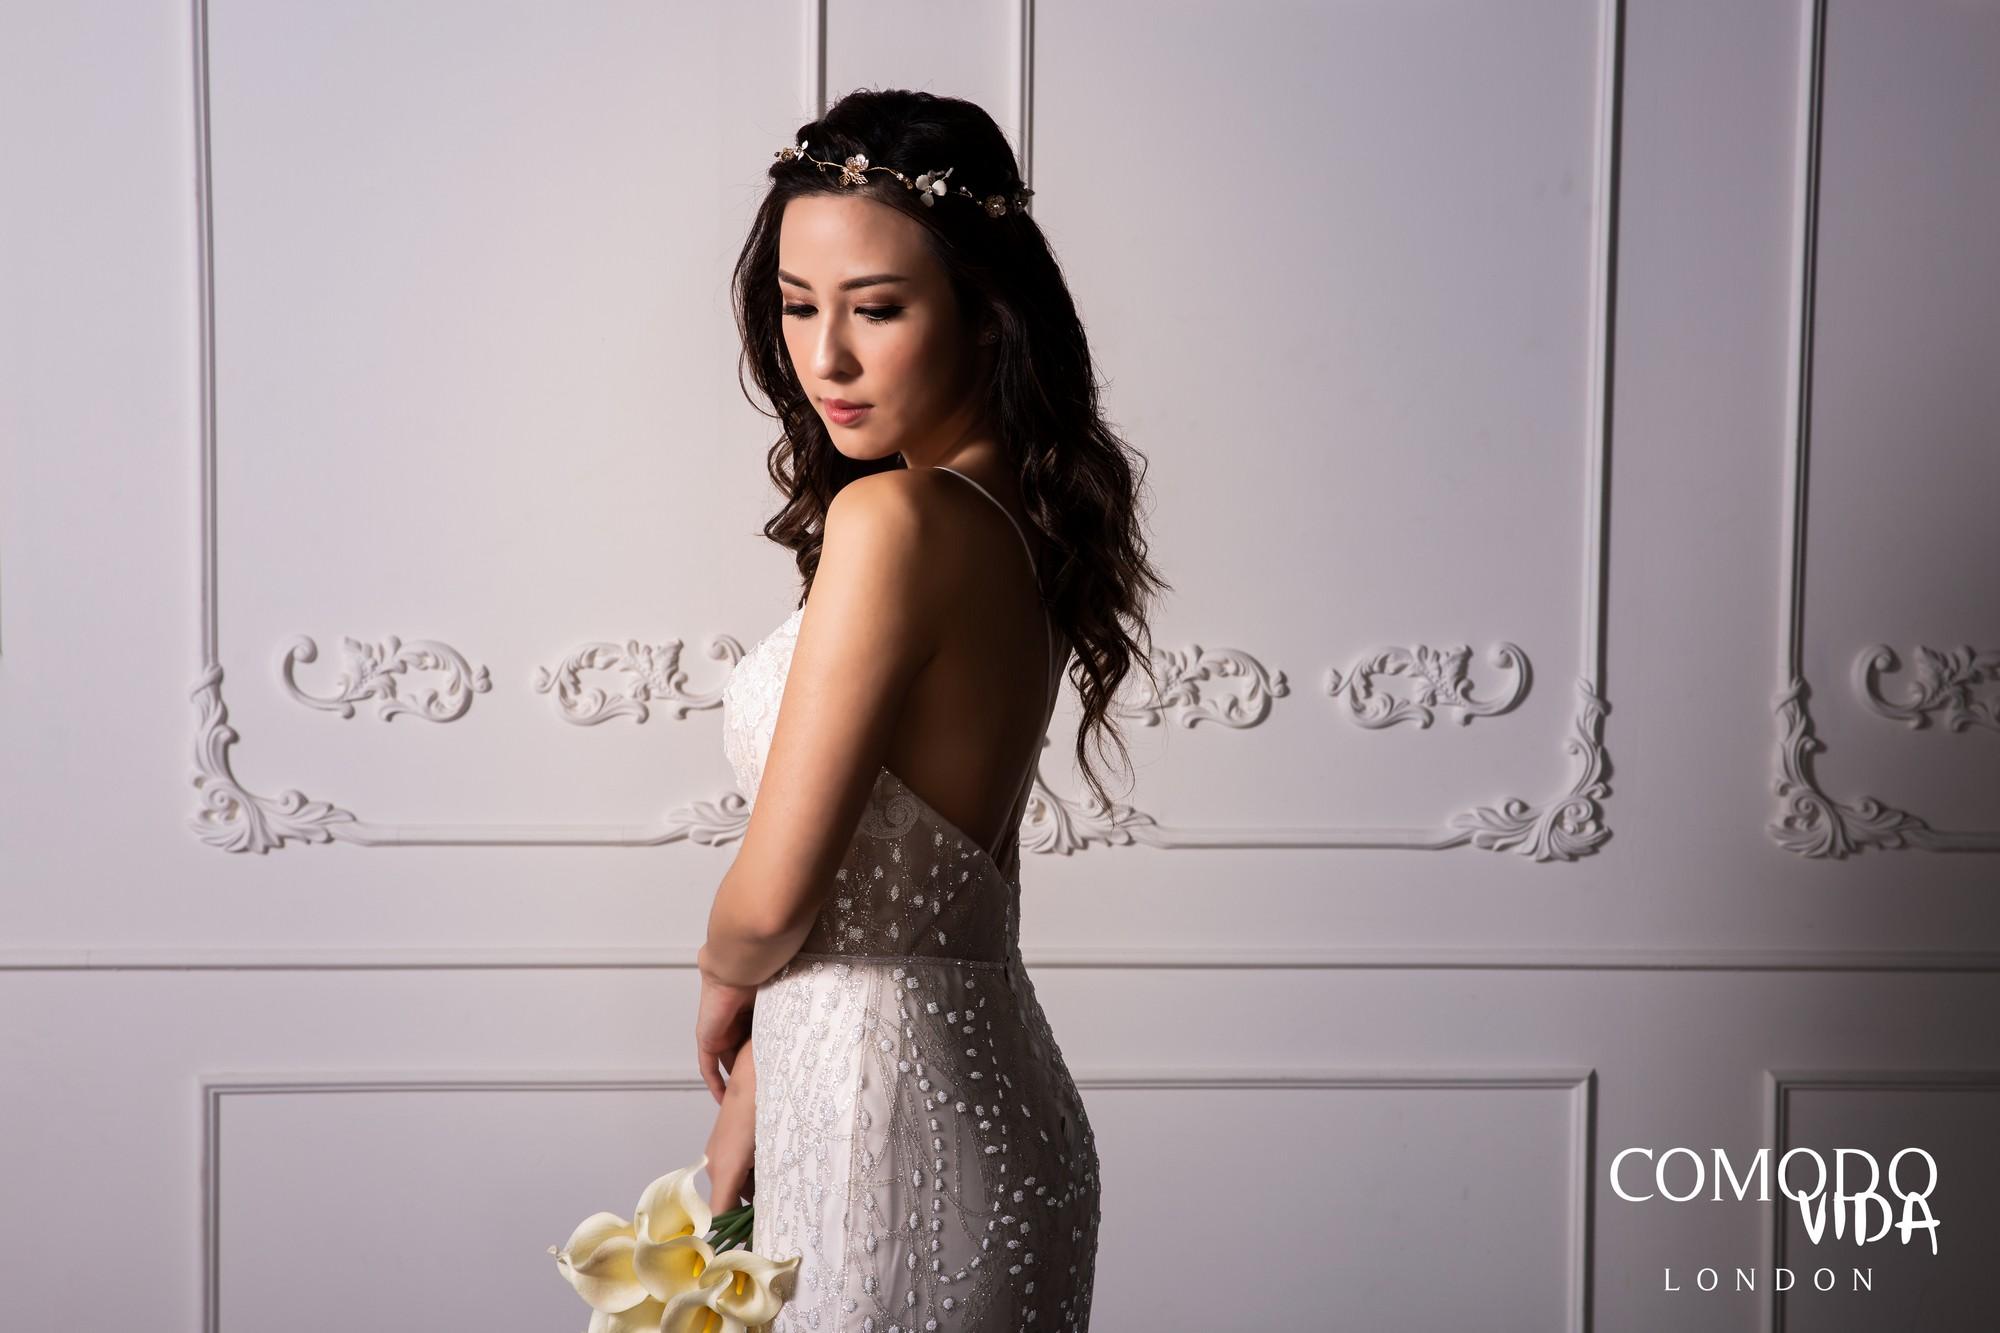 2021輕婚紗,輕婚紗,輕婚紗照,輕婚紗 推薦,輕婚紗 台北,輕婚紗 新竹,手工輕婚紗,輕婚紗 出租,輕婚紗 價格